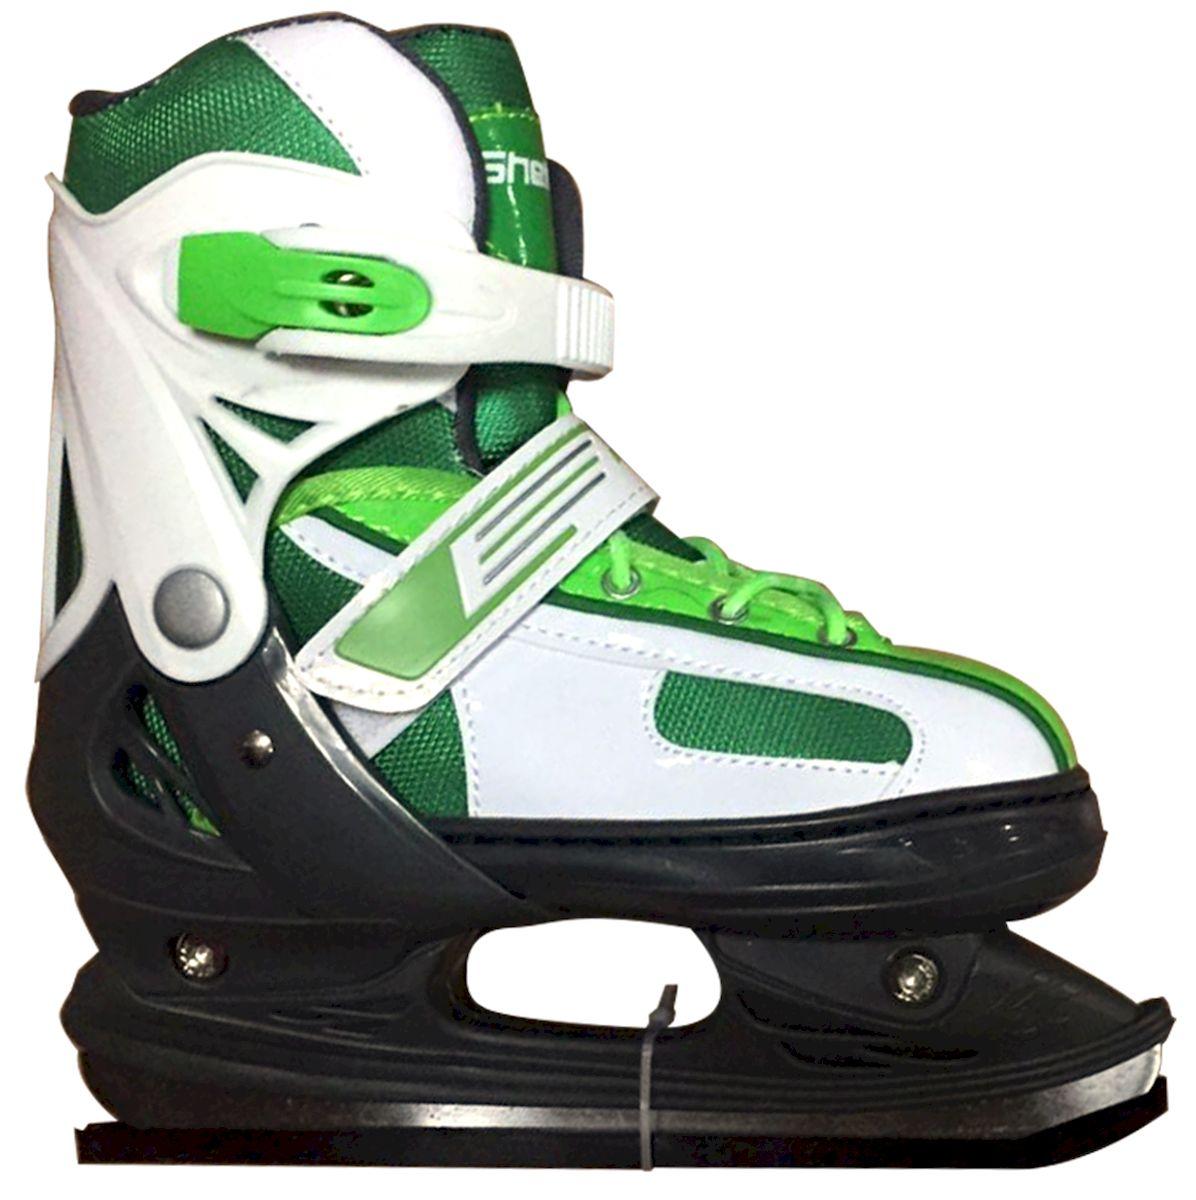 Коньки ледовые Ice Blade Shelby, раздвижные, цвет: черный, зеленый, белый. УТ-00009127. Размер S (30/33)